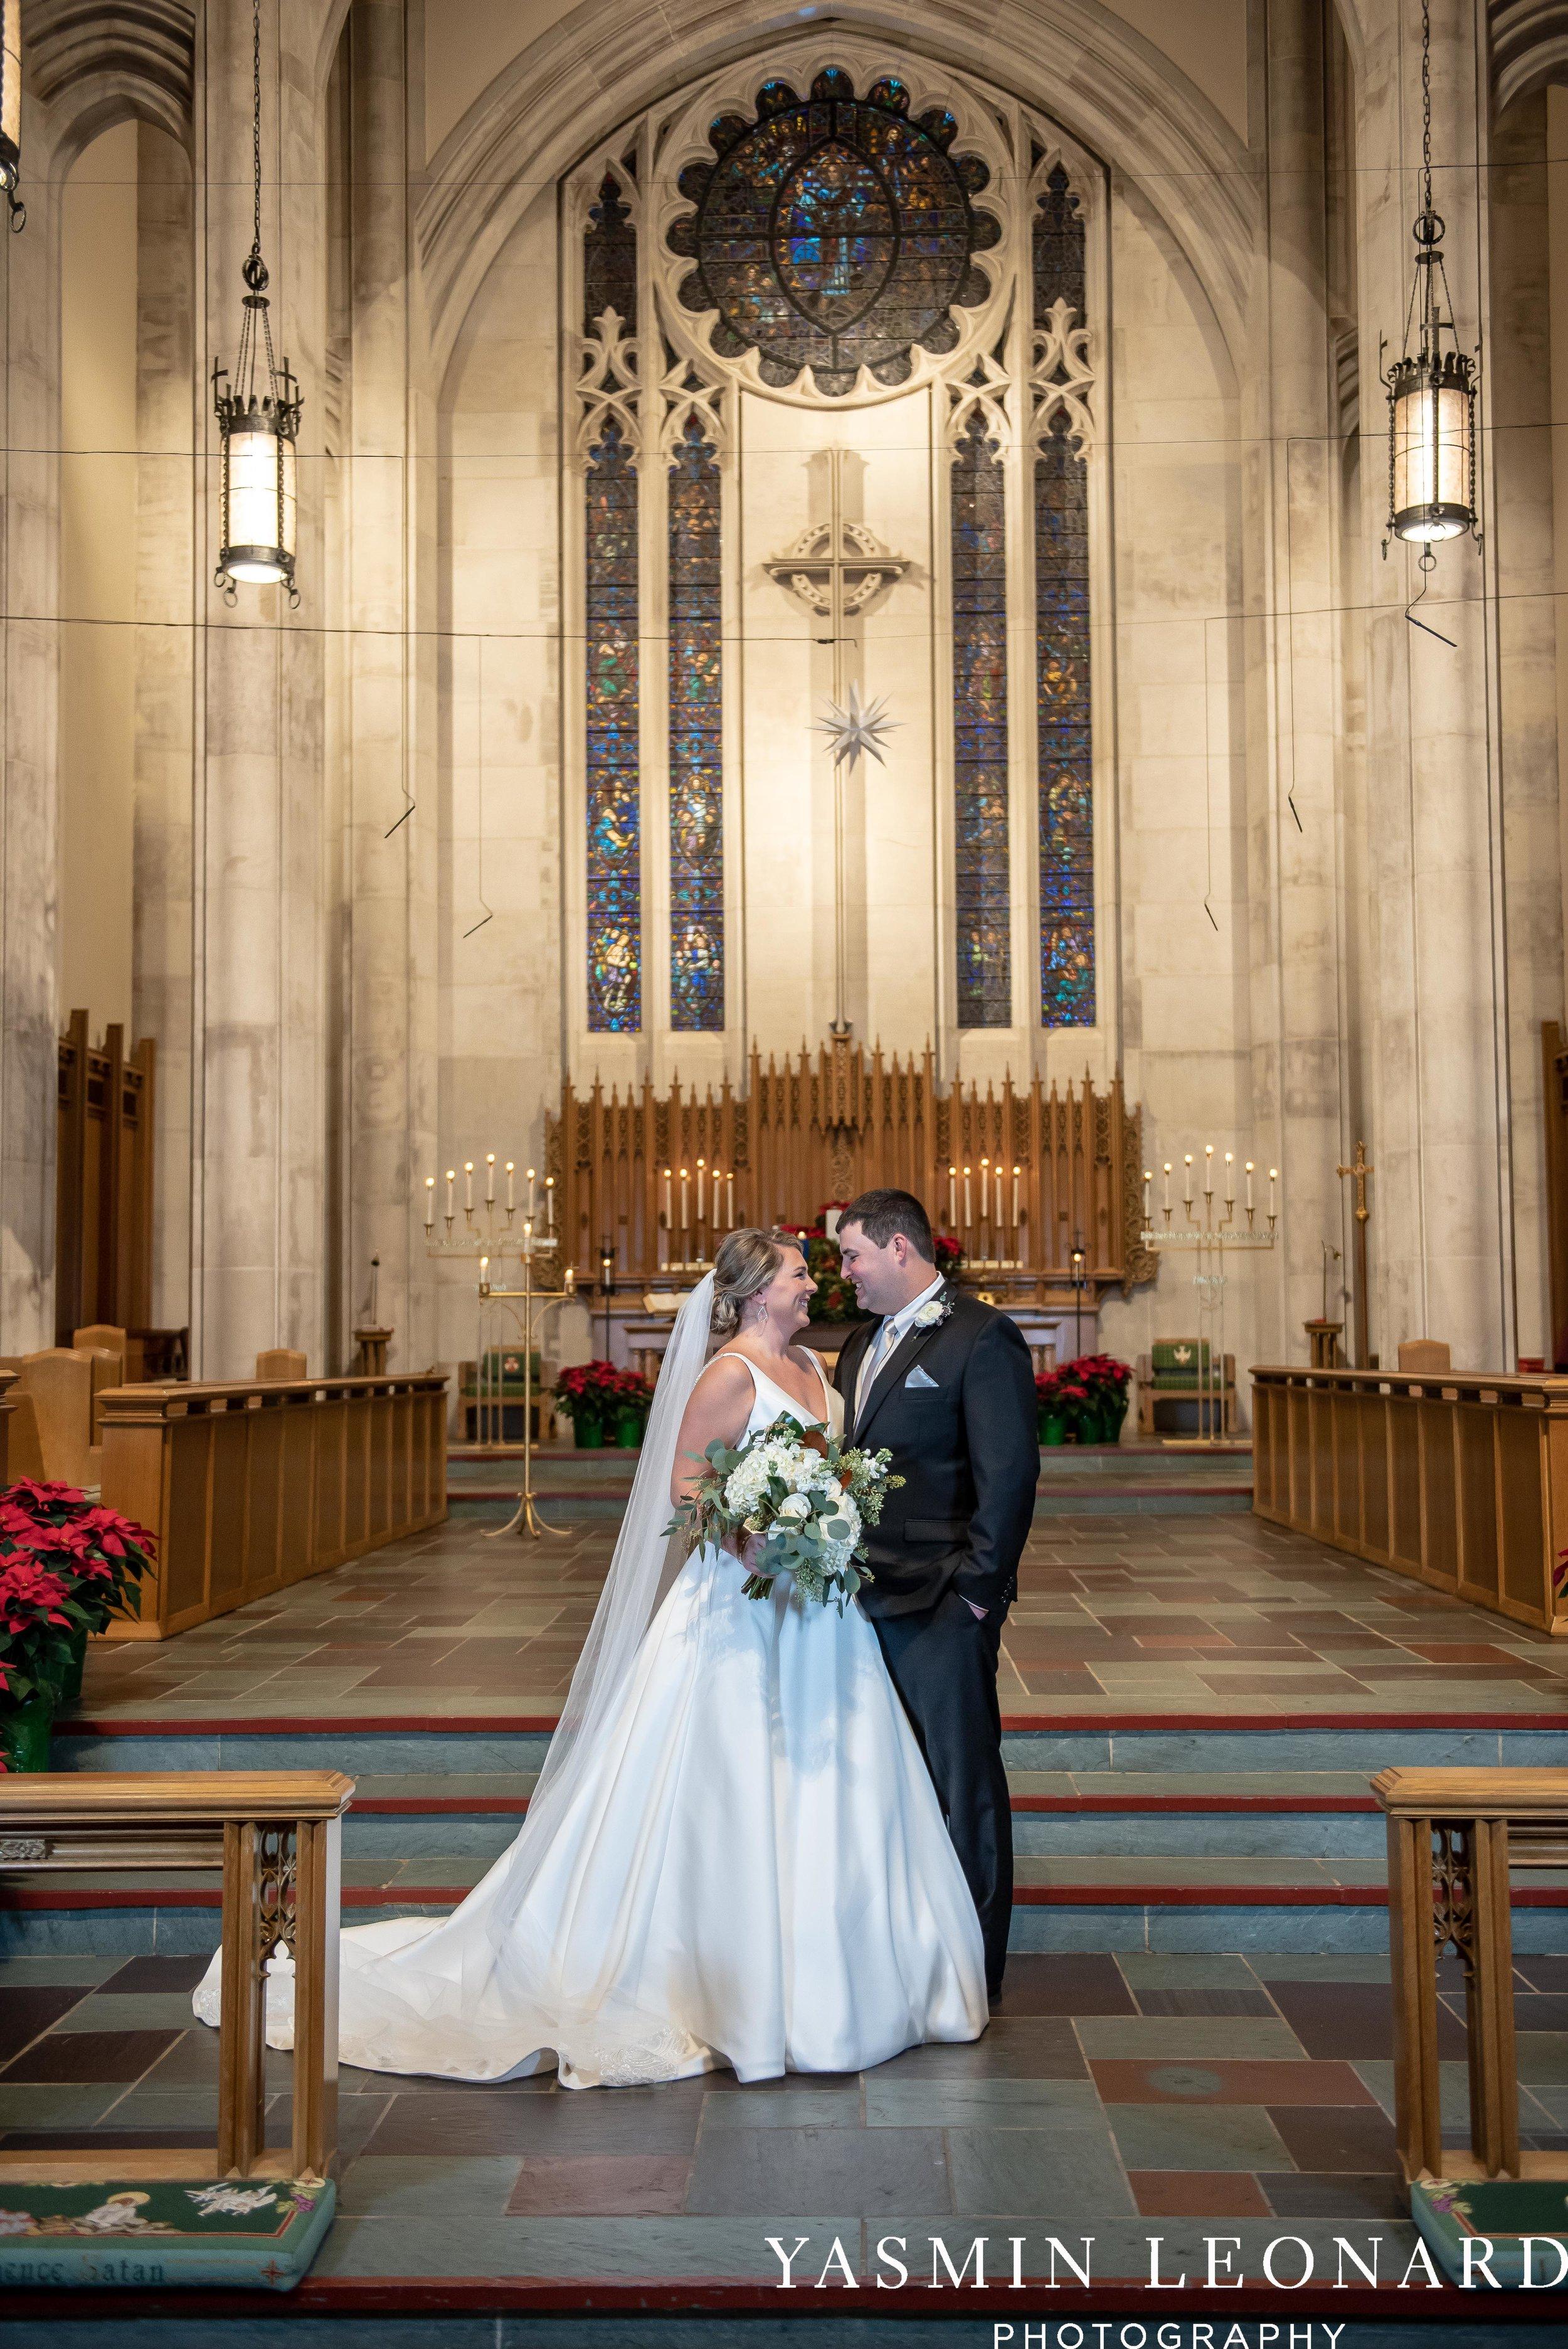 Adaumont Farm - Wesley Memorial Weddings - High Point Weddings - Just Priceless - NC Wedding Photographer - Yasmin Leonard Photography - High Point Wedding Vendors-40.jpg